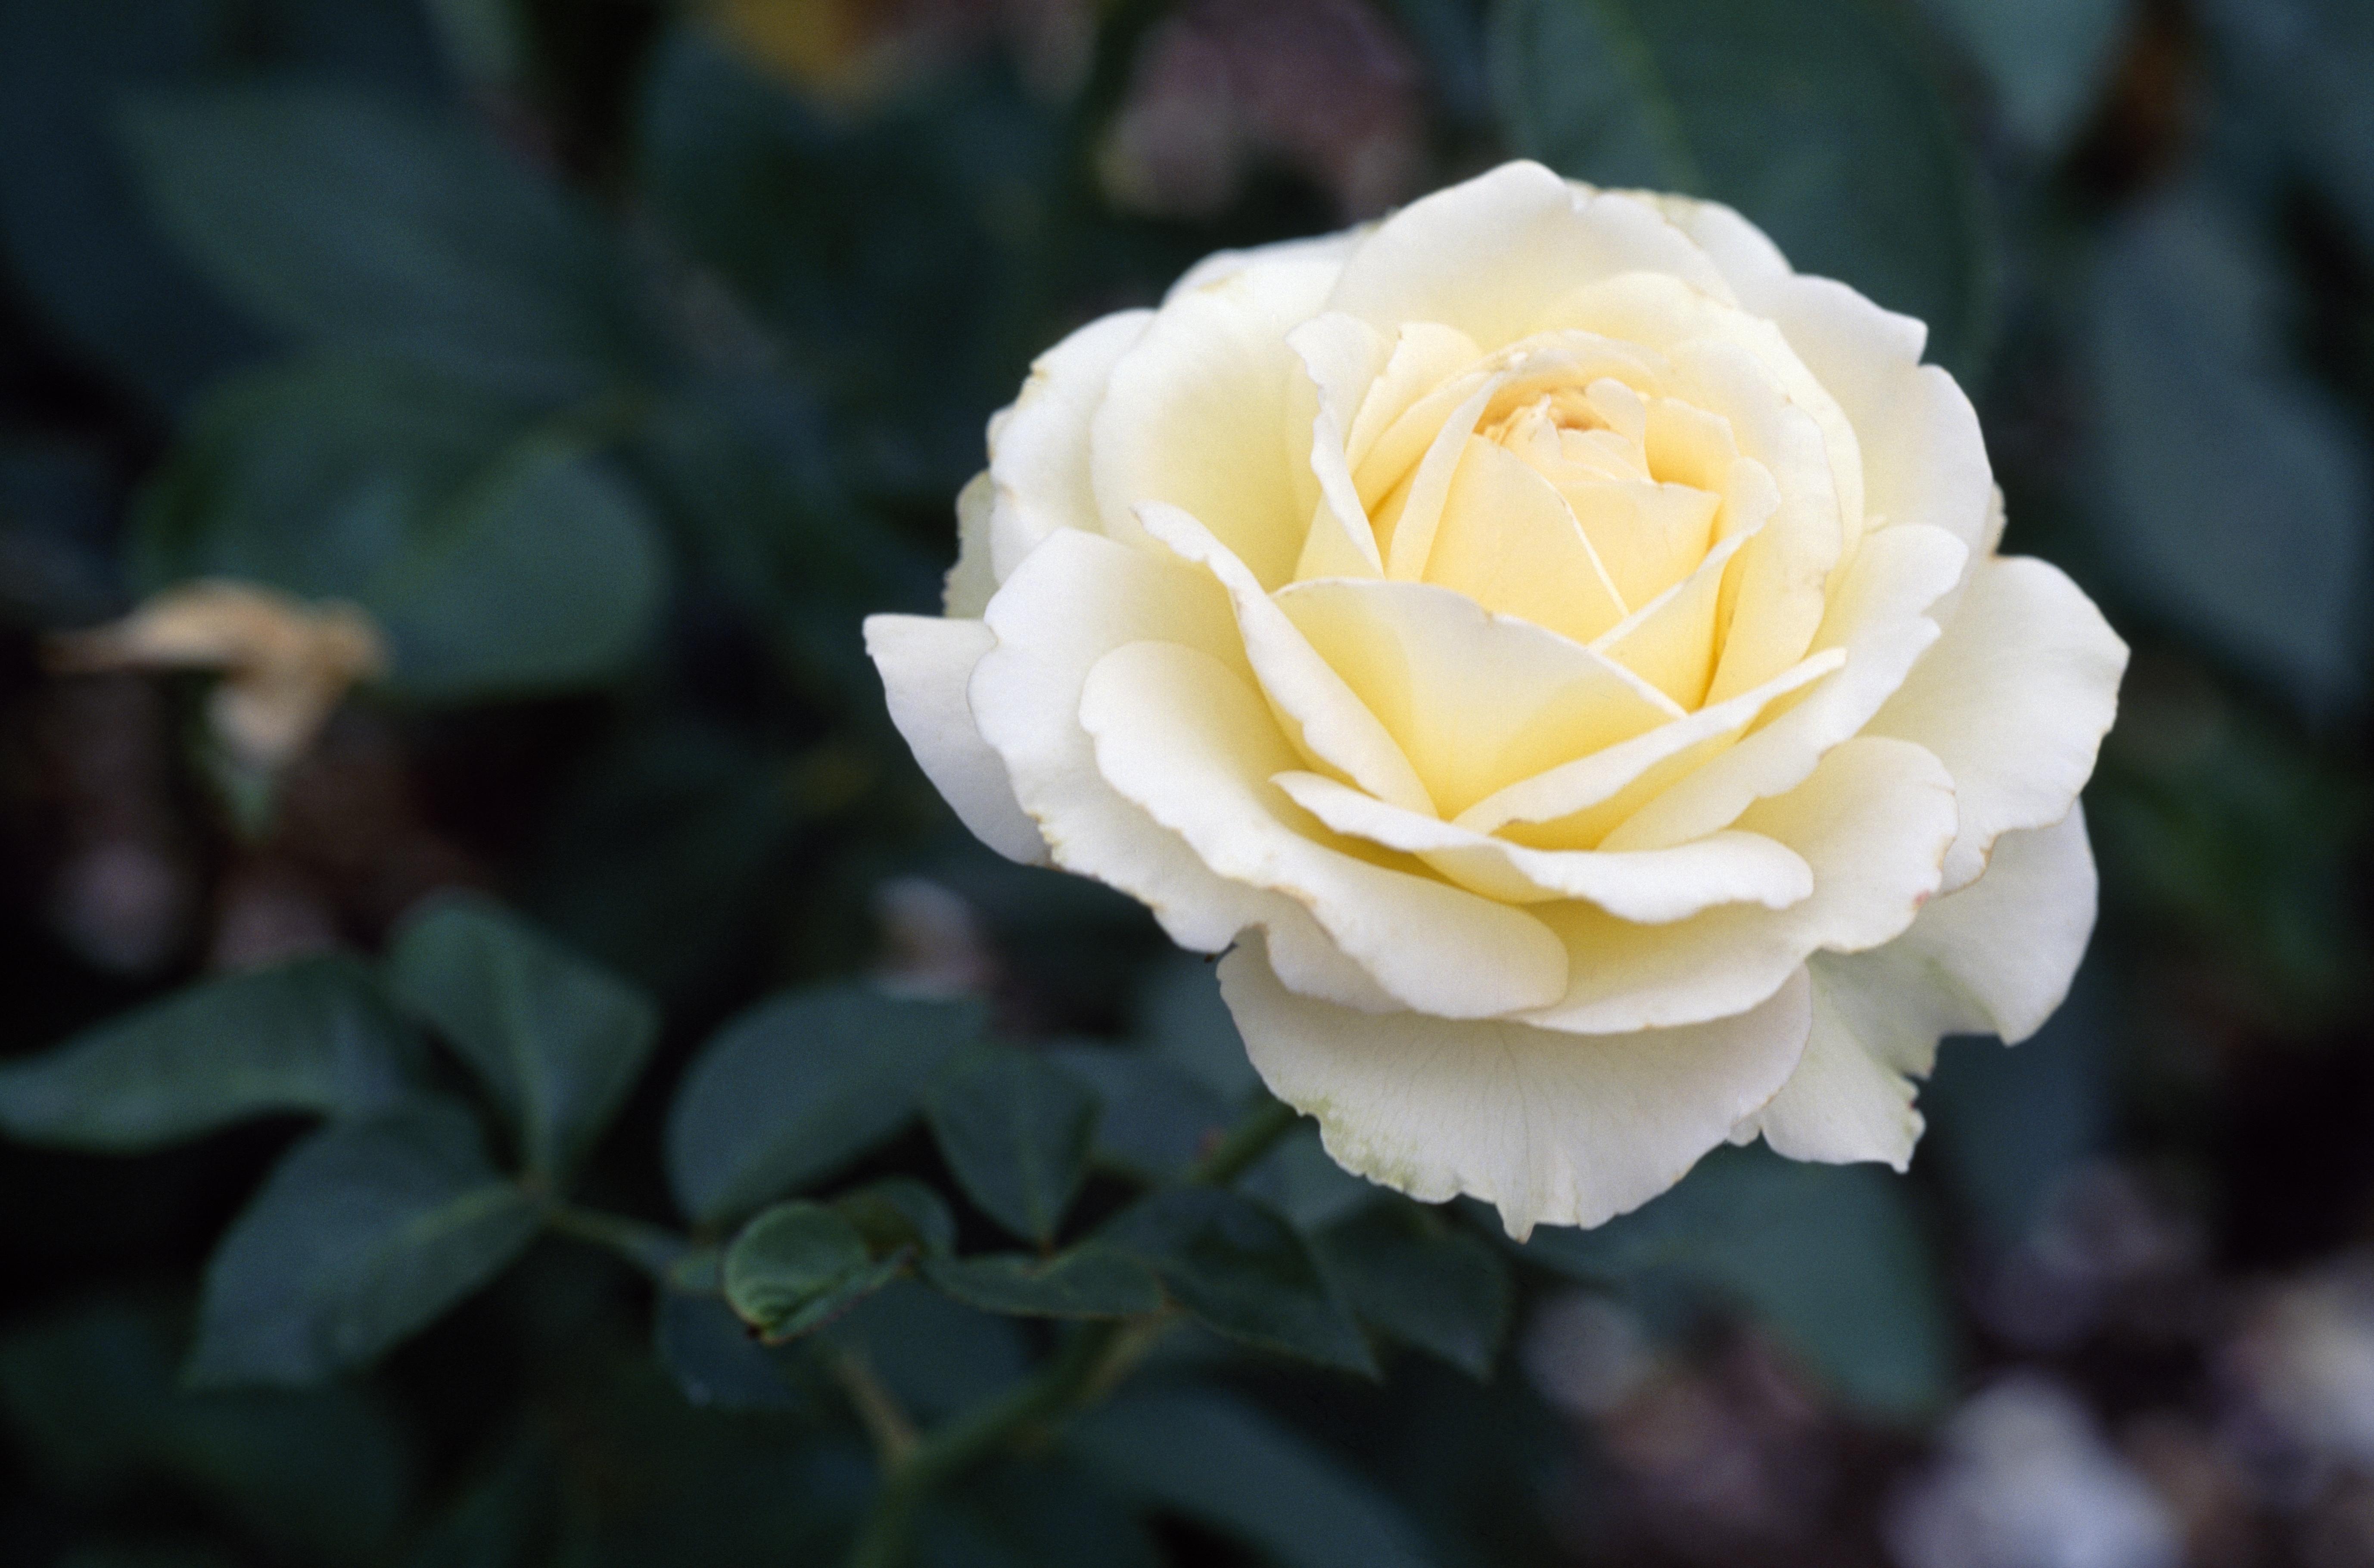 Rose (Rosa Dr John Snow), Rosaceae.